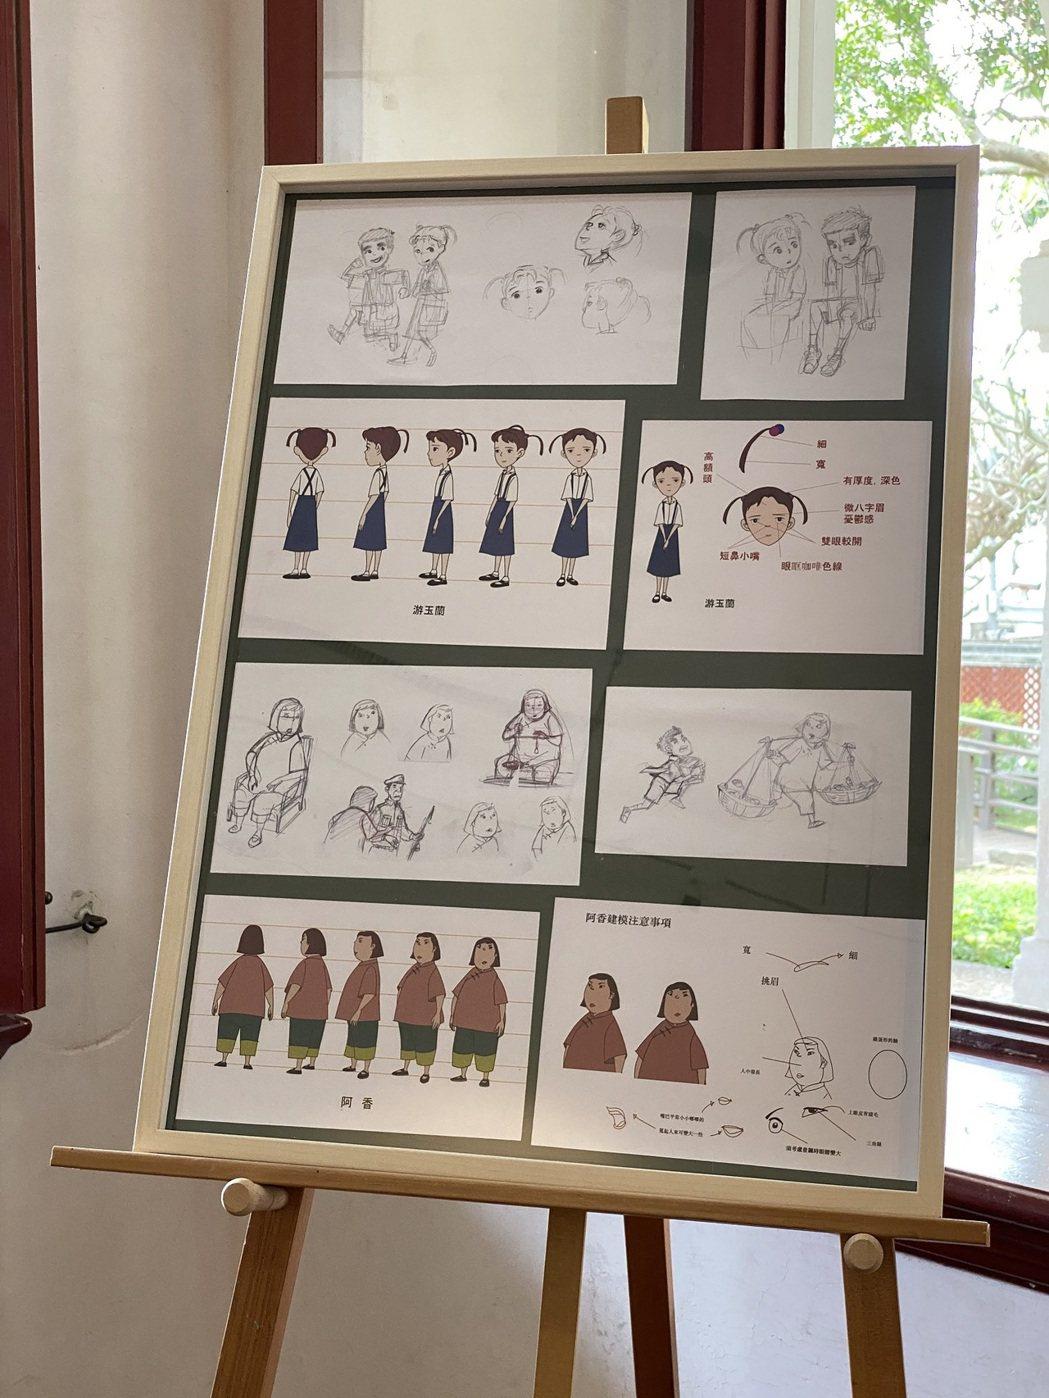 金馬獎導演康進和動畫手稿。圖 / 淡水古蹟博物館提供